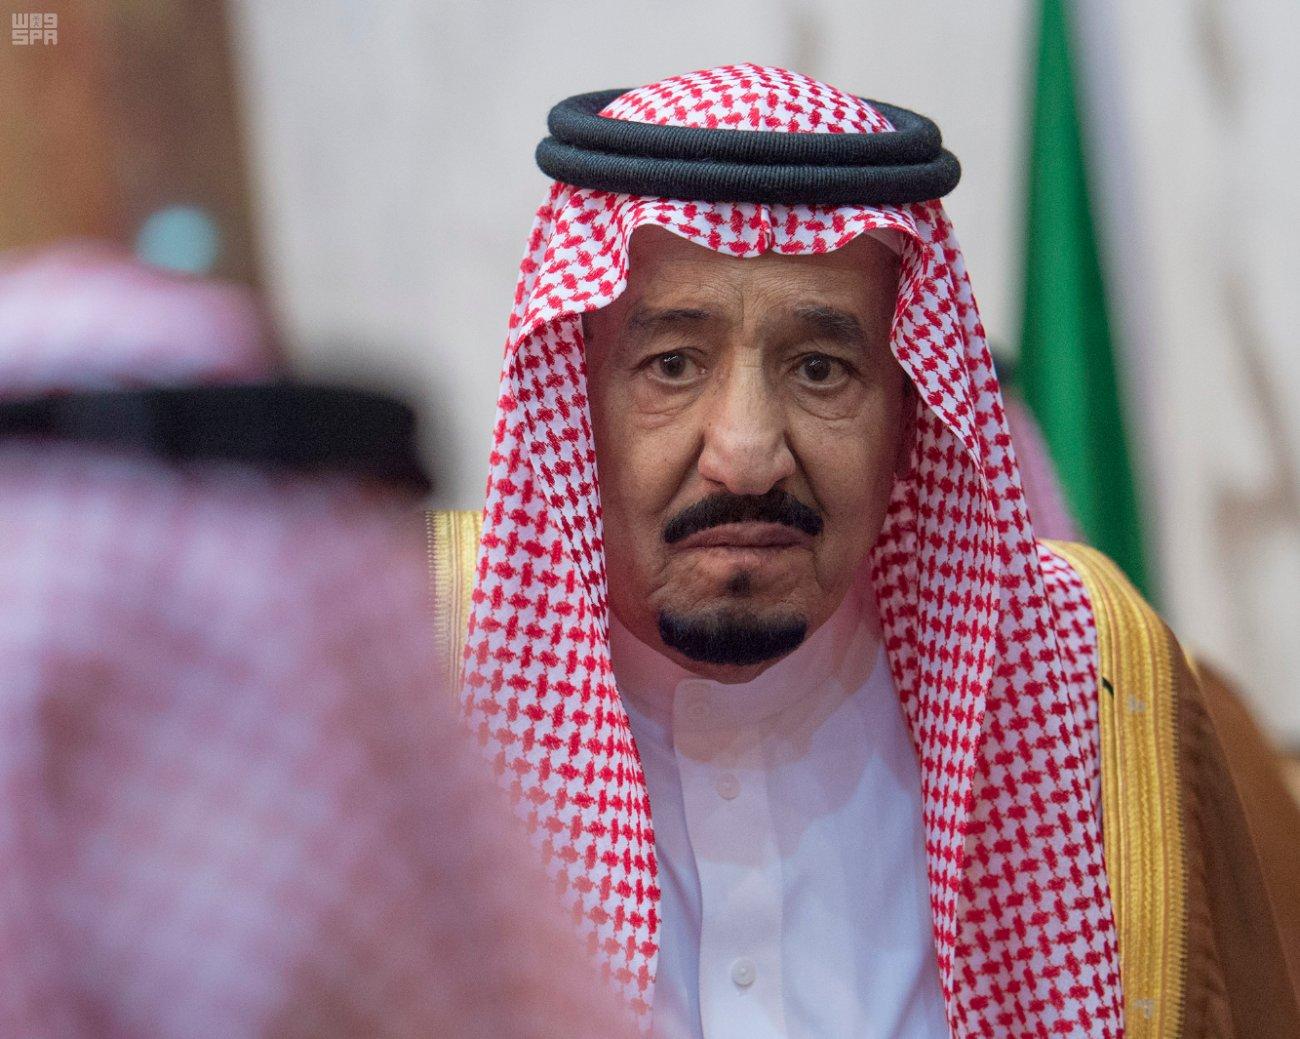 بالصور الملك سلمان يبكي فقد شقيقه الأمير تركي الخليج أونلاين